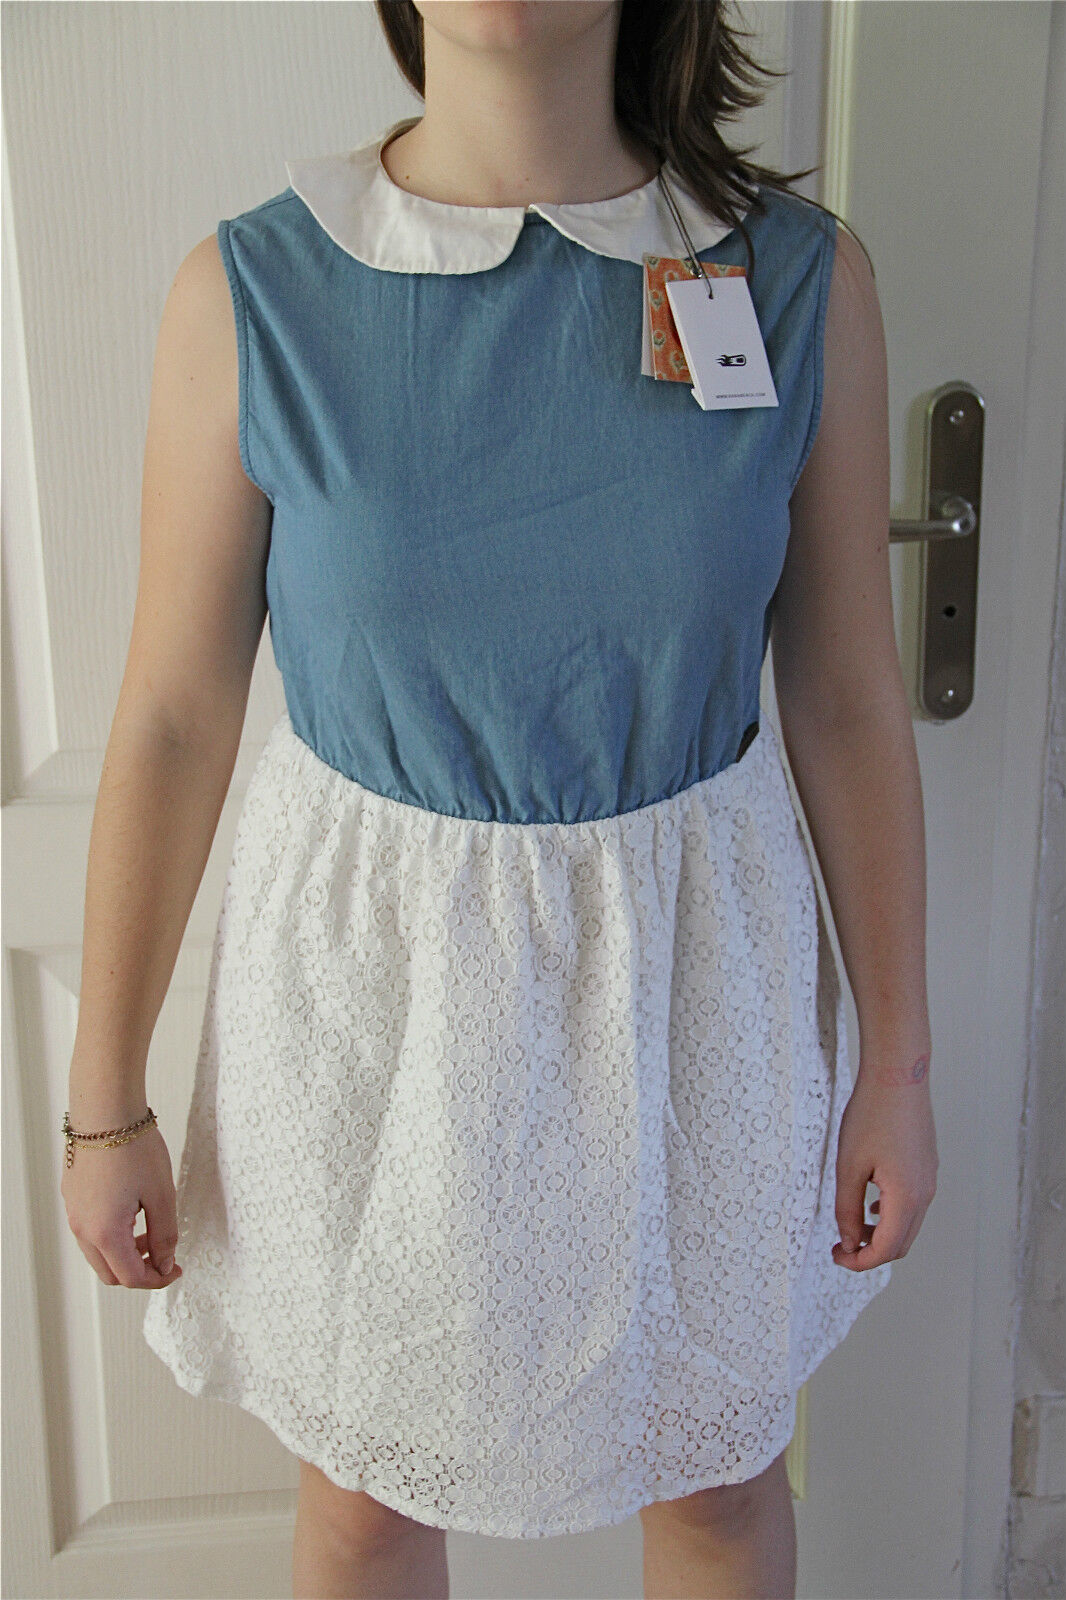 Kleid Baumwoll-Spitze Kanabeach Albertine T 38 Etikett Wert